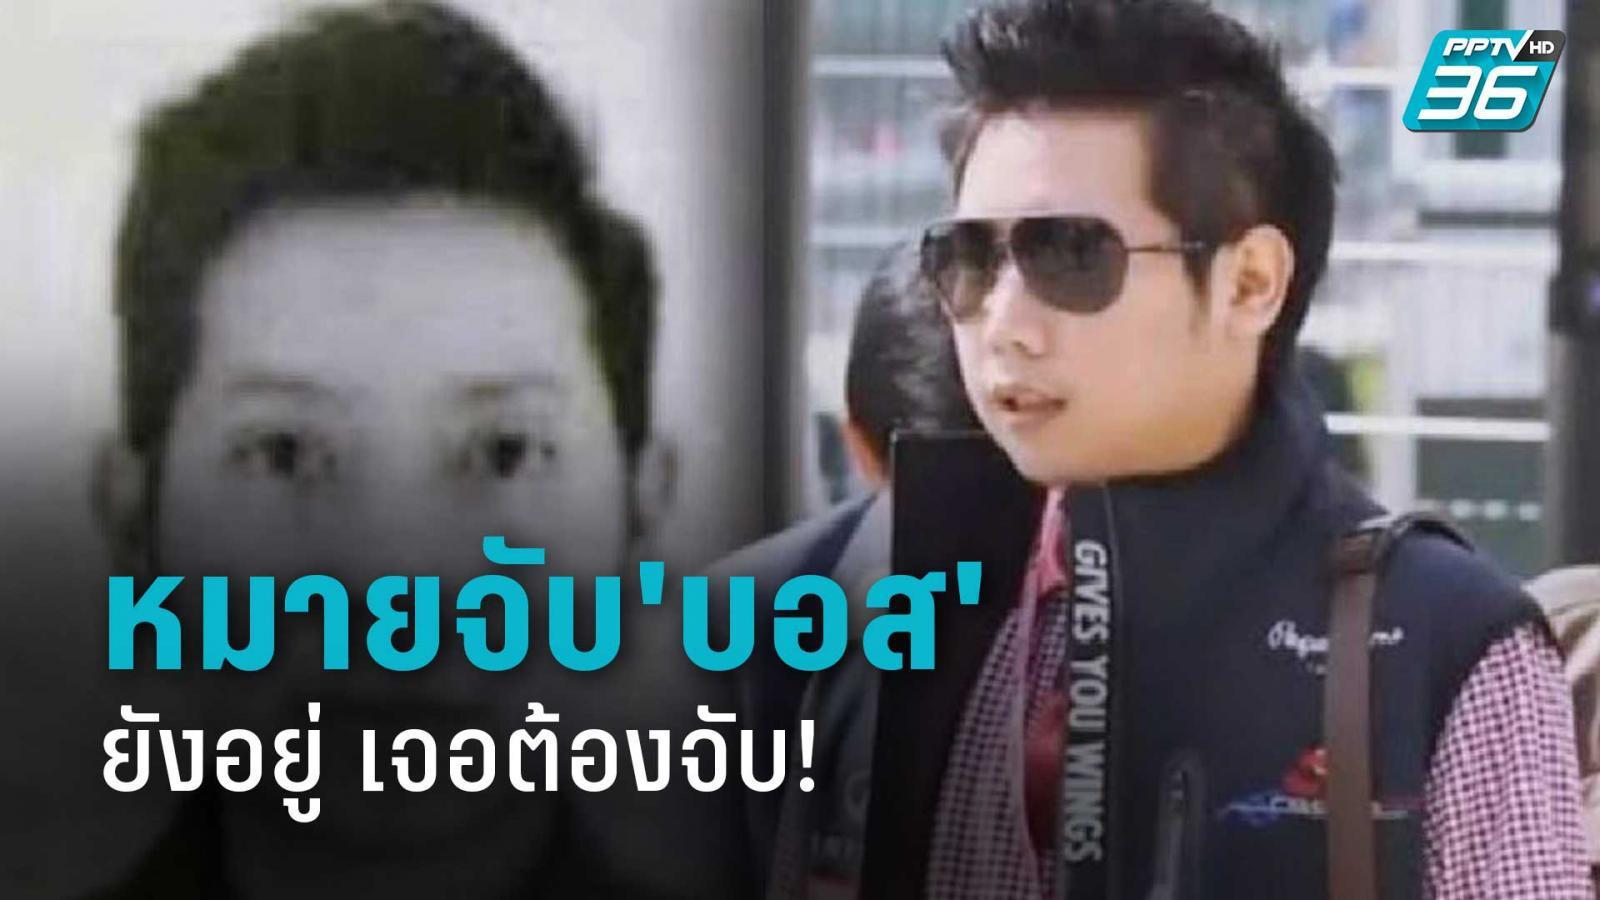 ตม.นำชื่อ 'บอส อยู่วิทยา' ขึ้นบัญชีเฝ้าระวังอีกครั้ง เข้าประเทศไทยได้ แต่ถูกจับ!